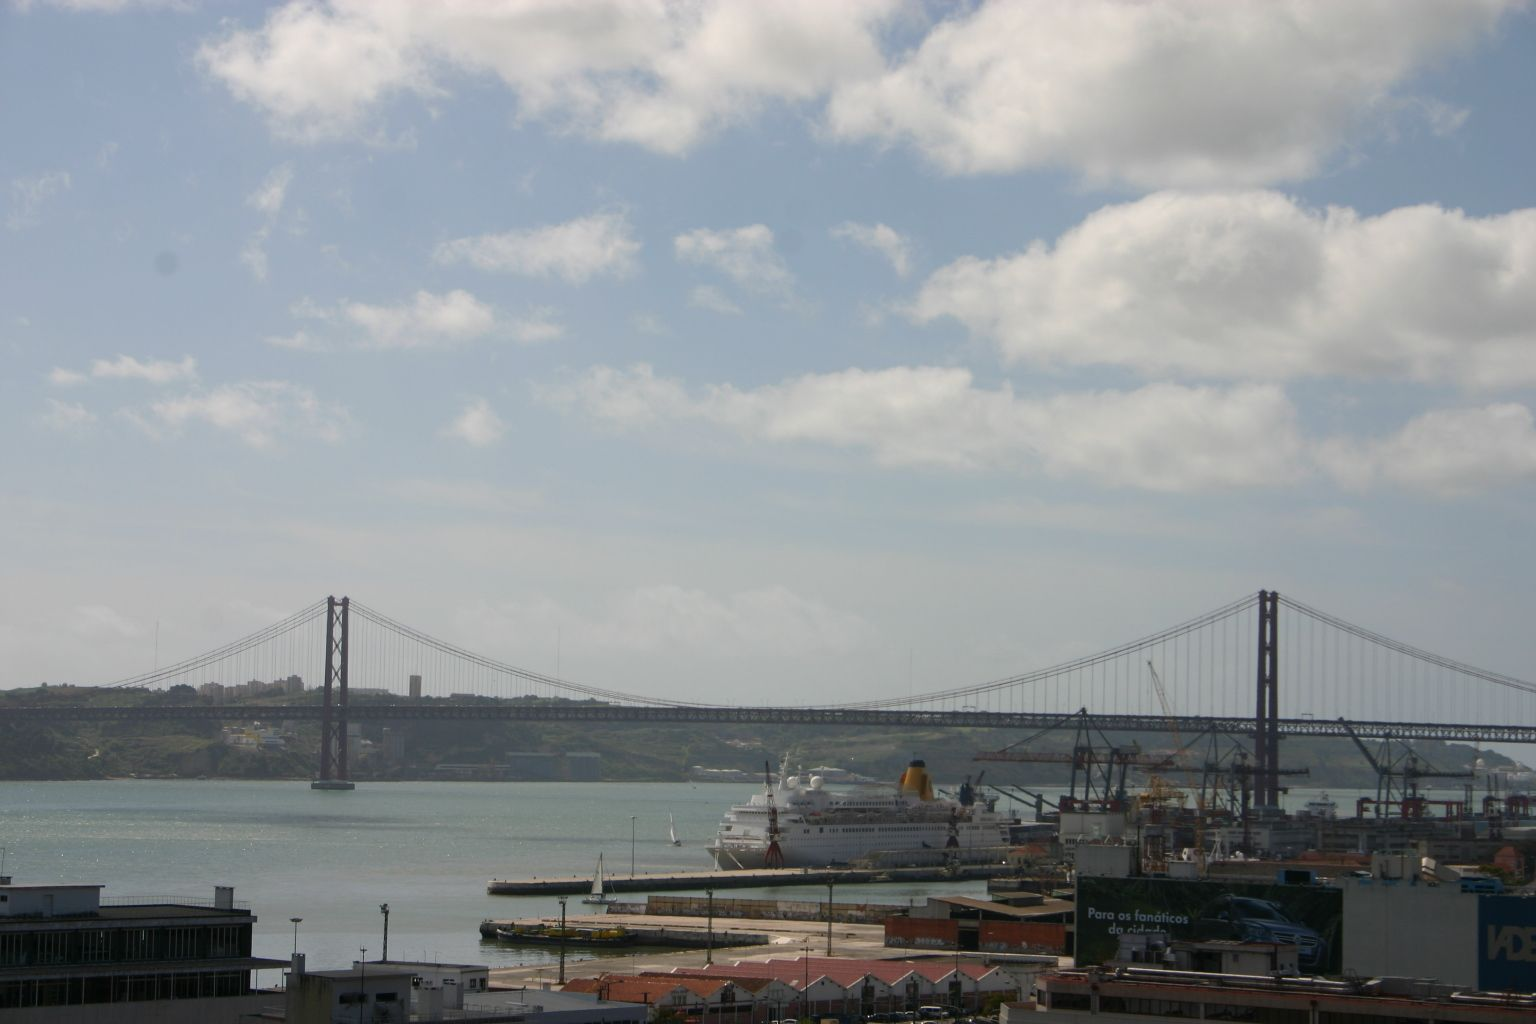 Ponte de 25 Abril, Lisbon, Portugal